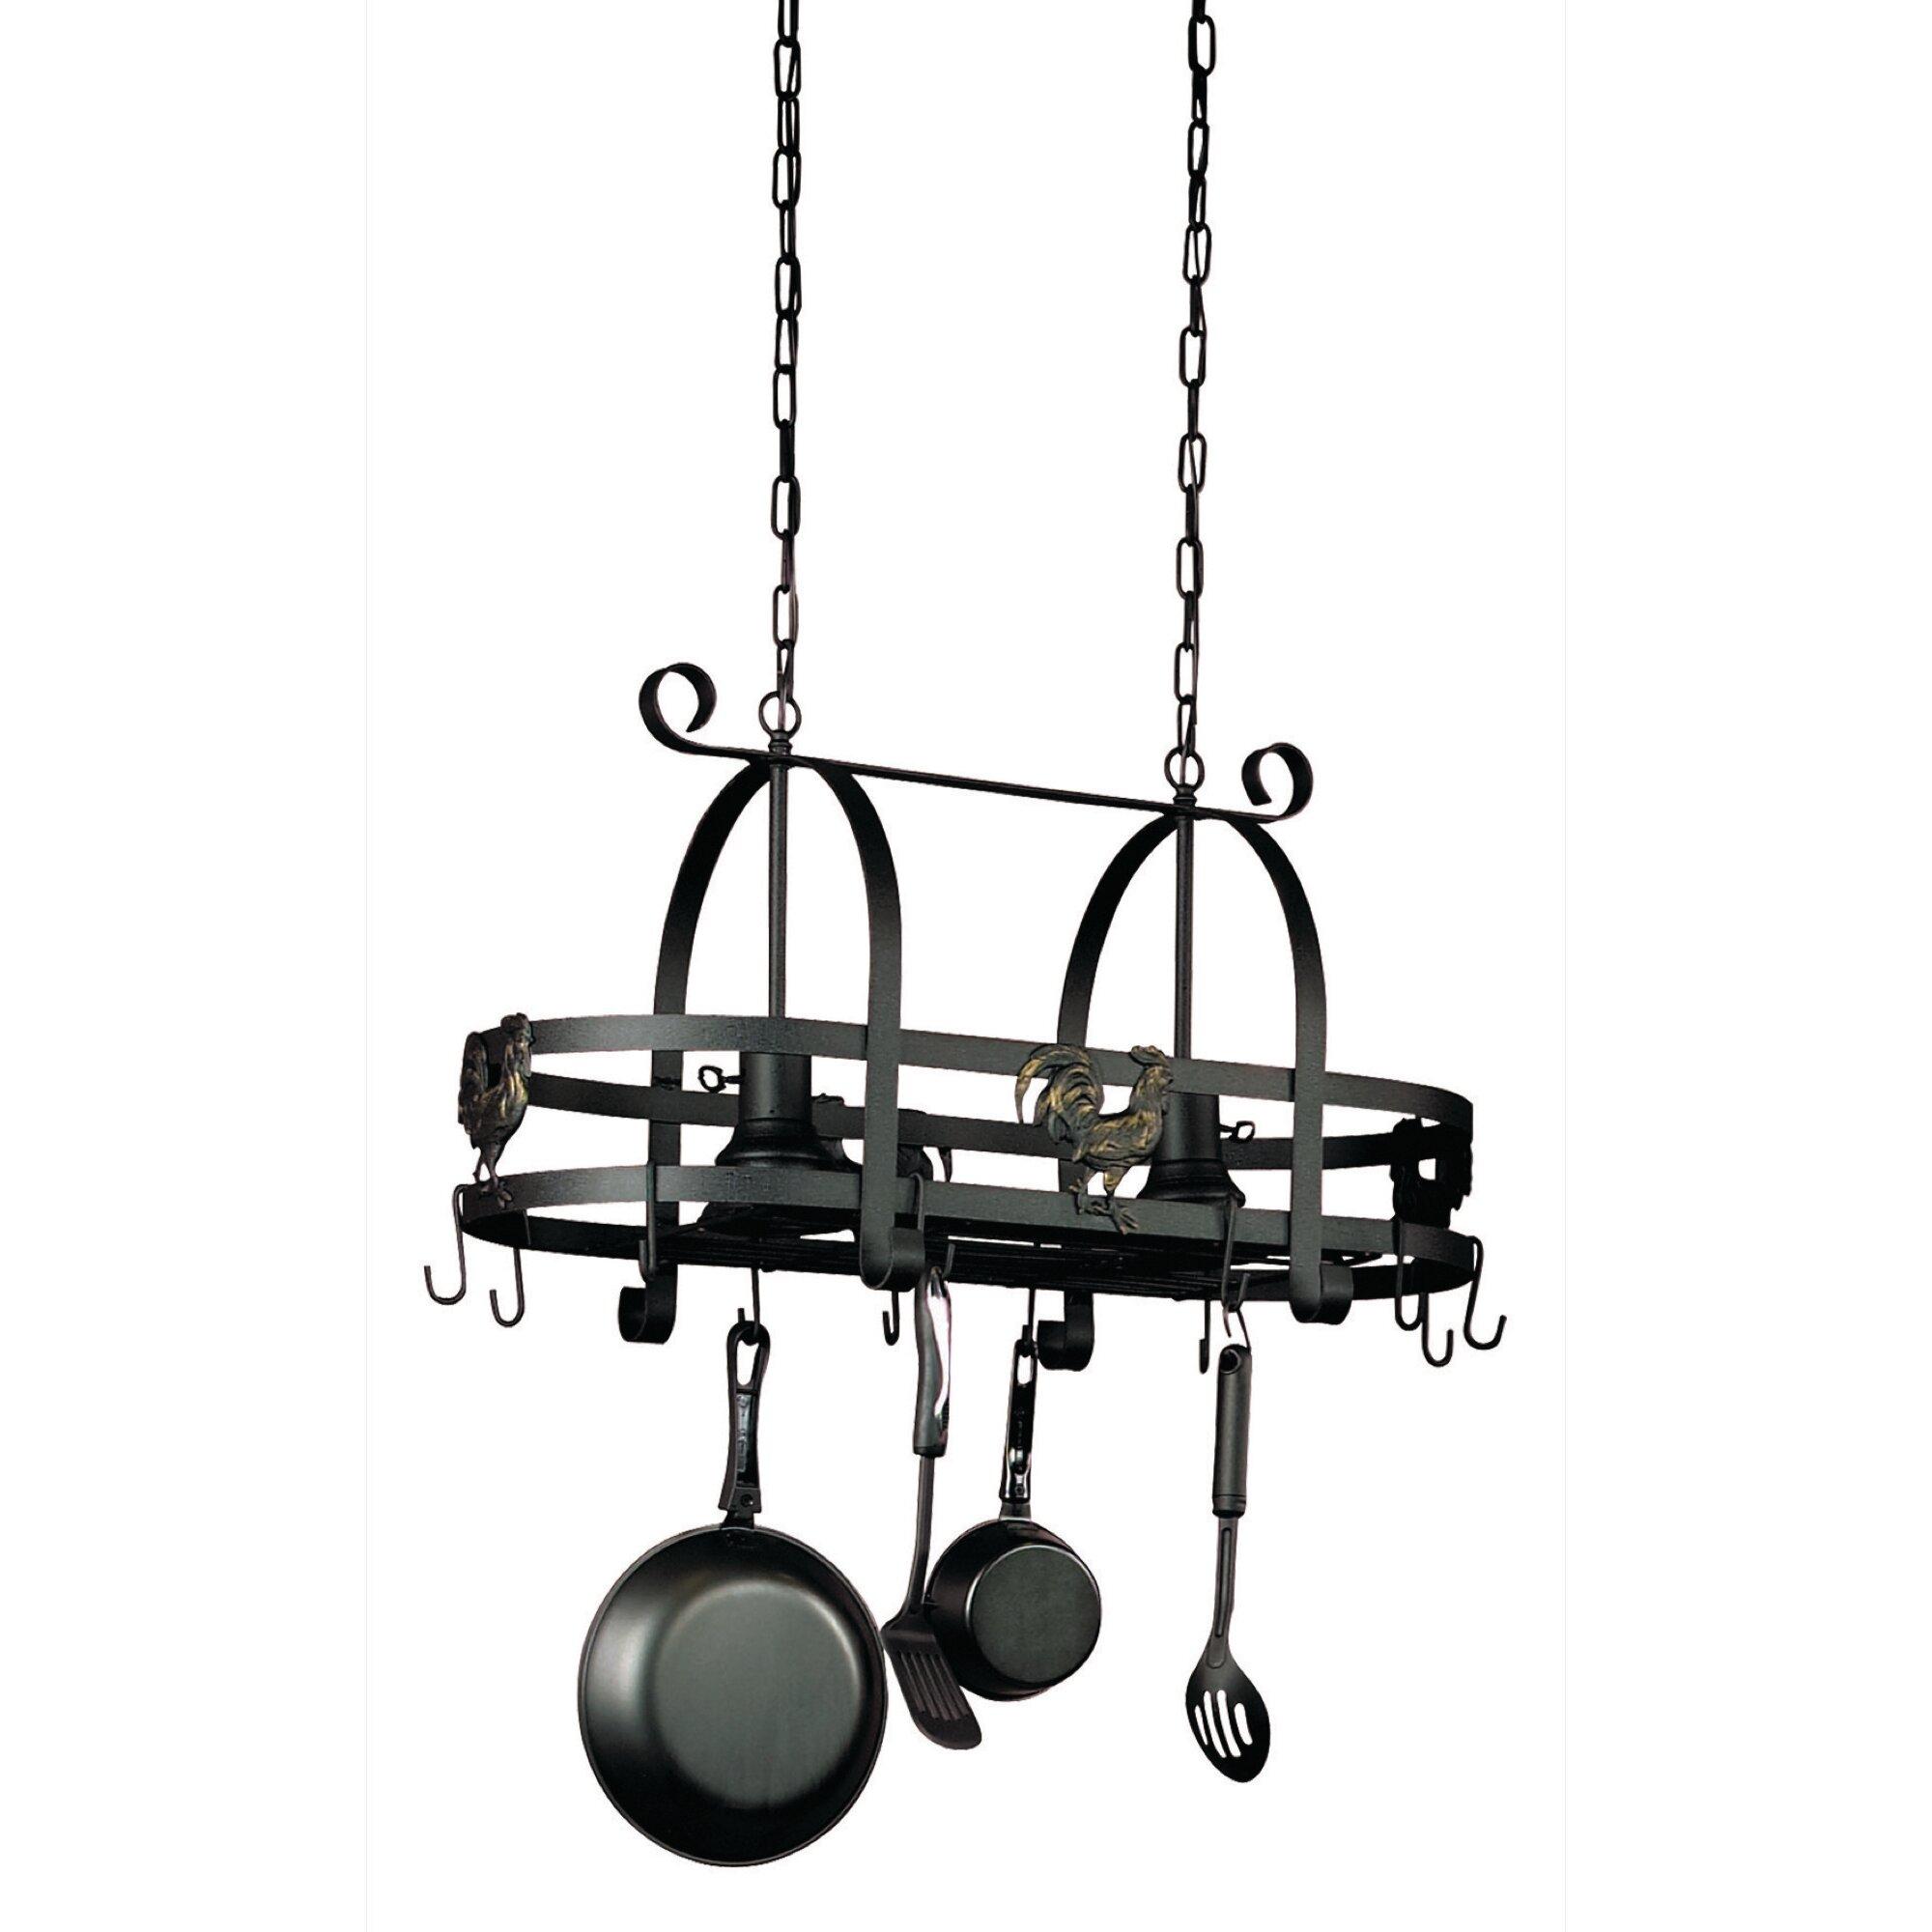 lighting pot racks hanging kitchen island with 2 light pendant. Black Bedroom Furniture Sets. Home Design Ideas